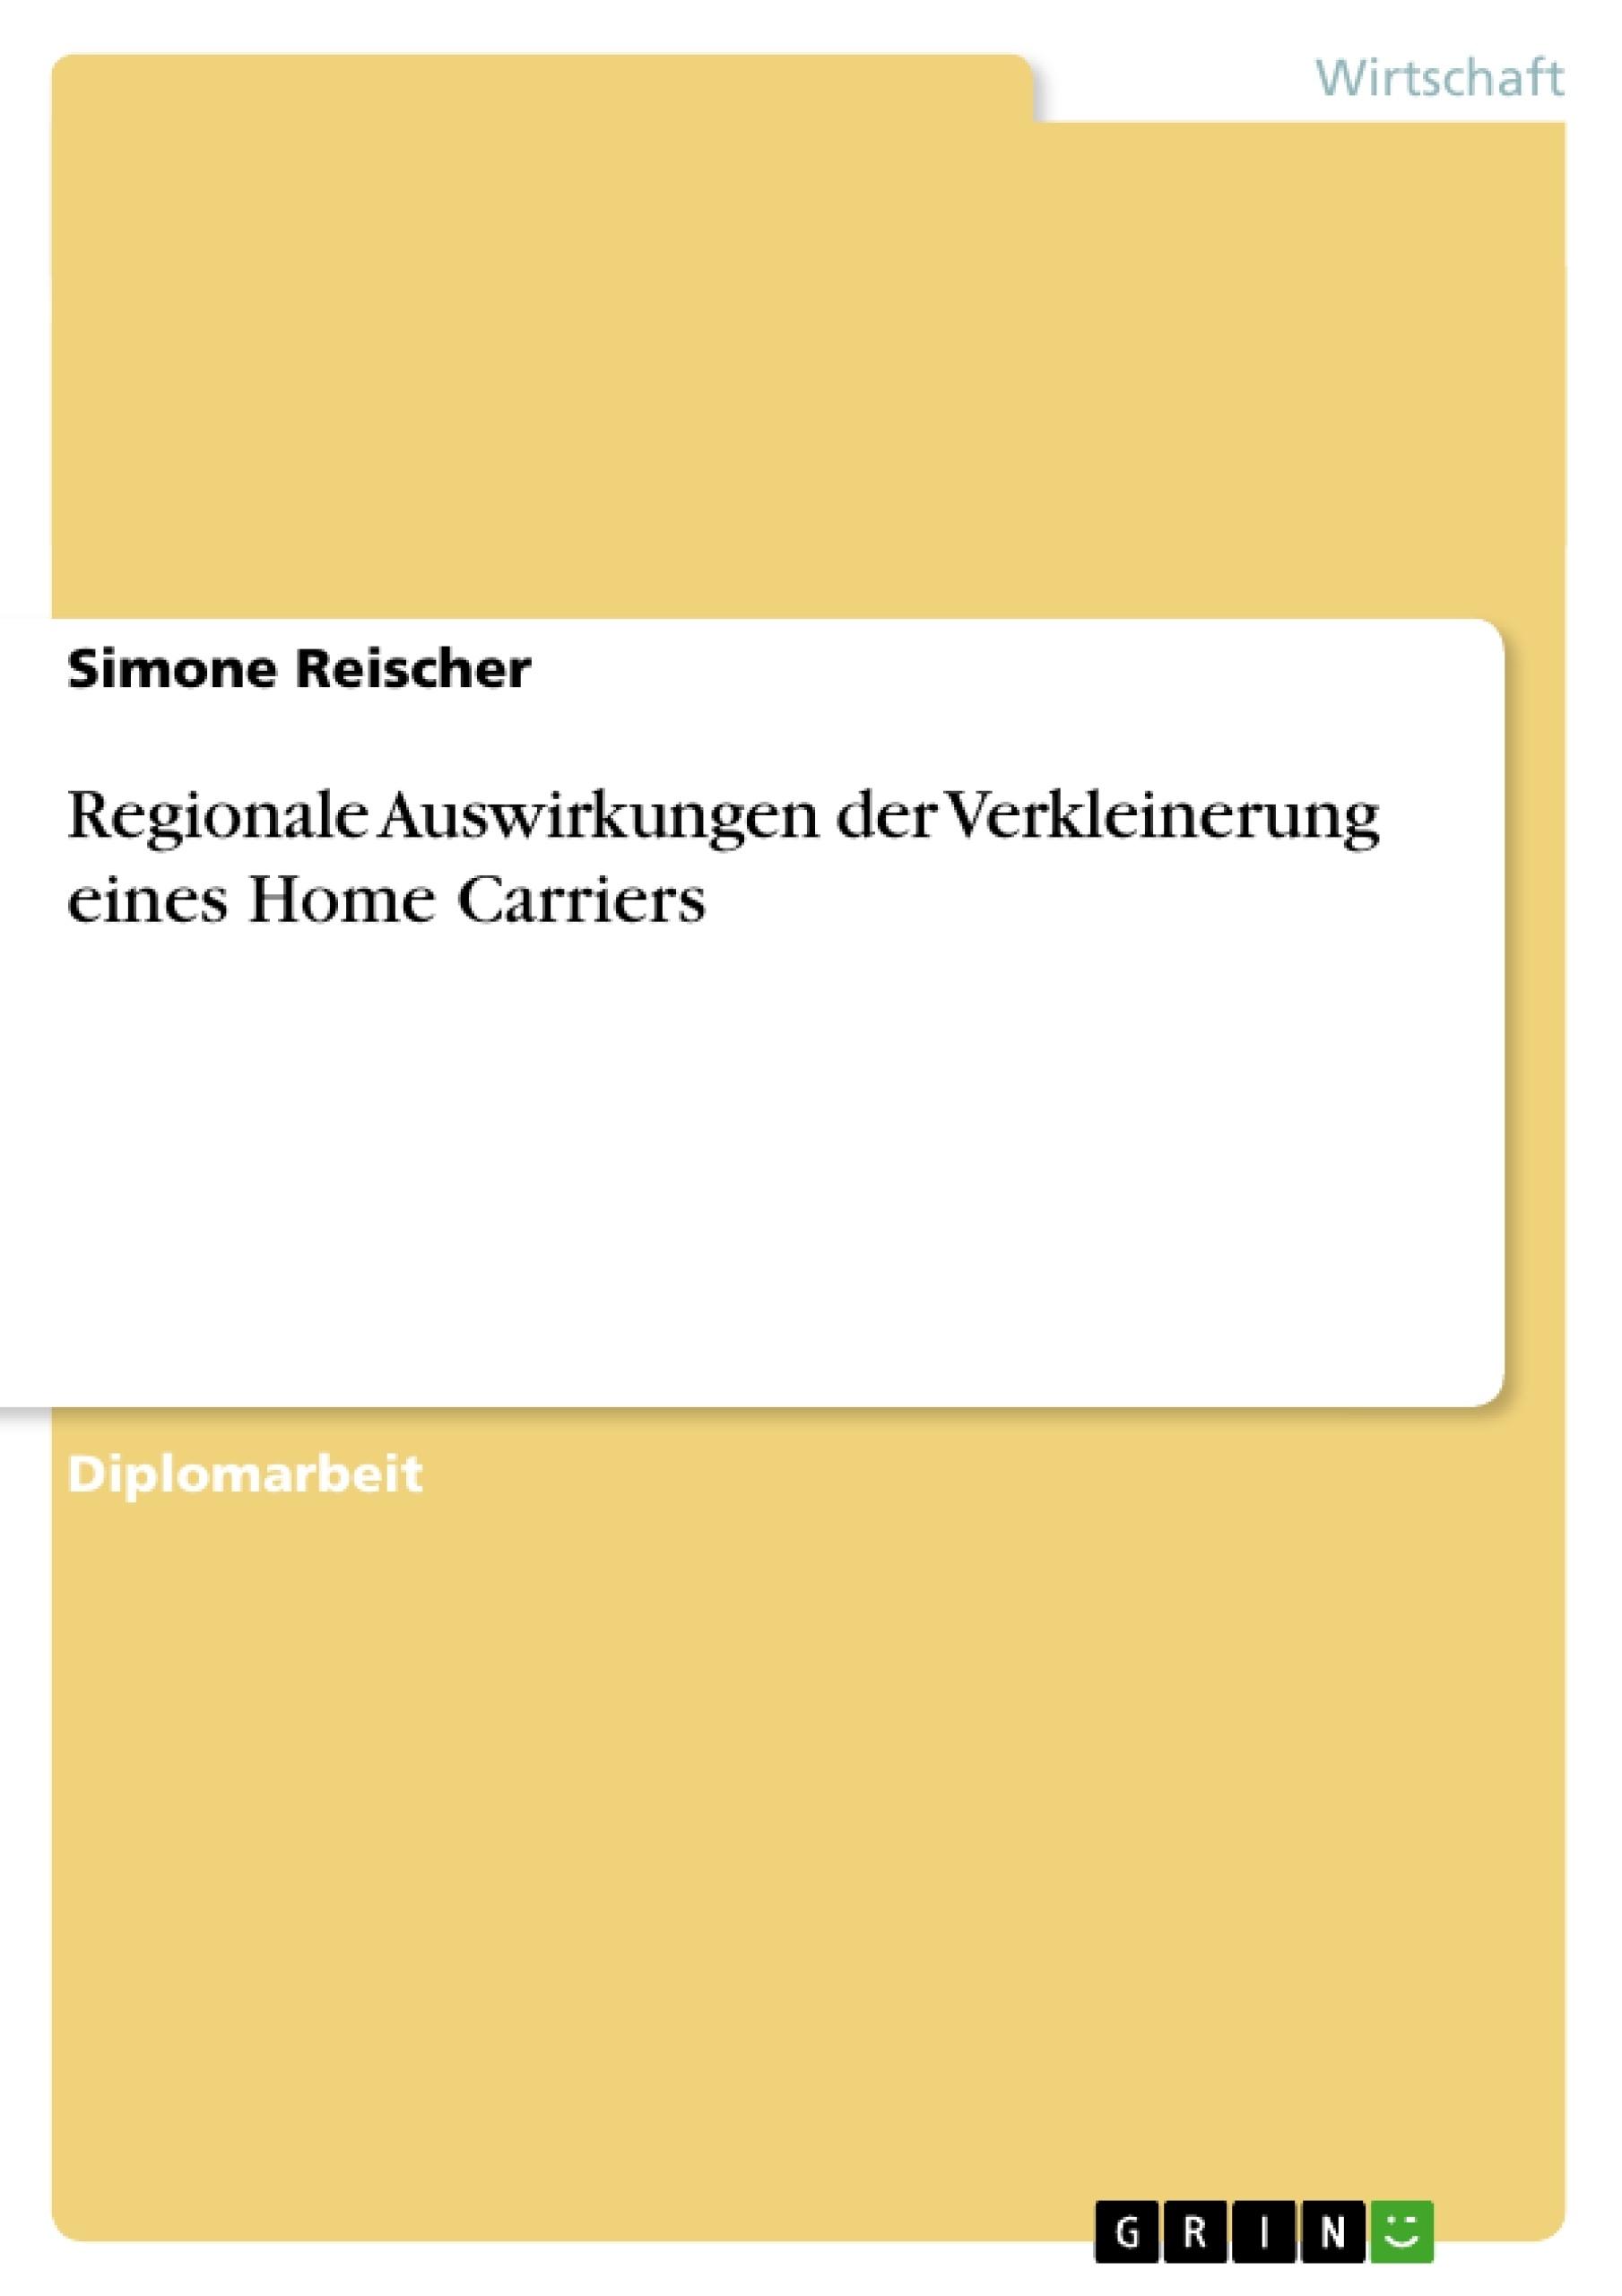 Titel: Regionale Auswirkungen der Verkleinerung eines Home Carriers